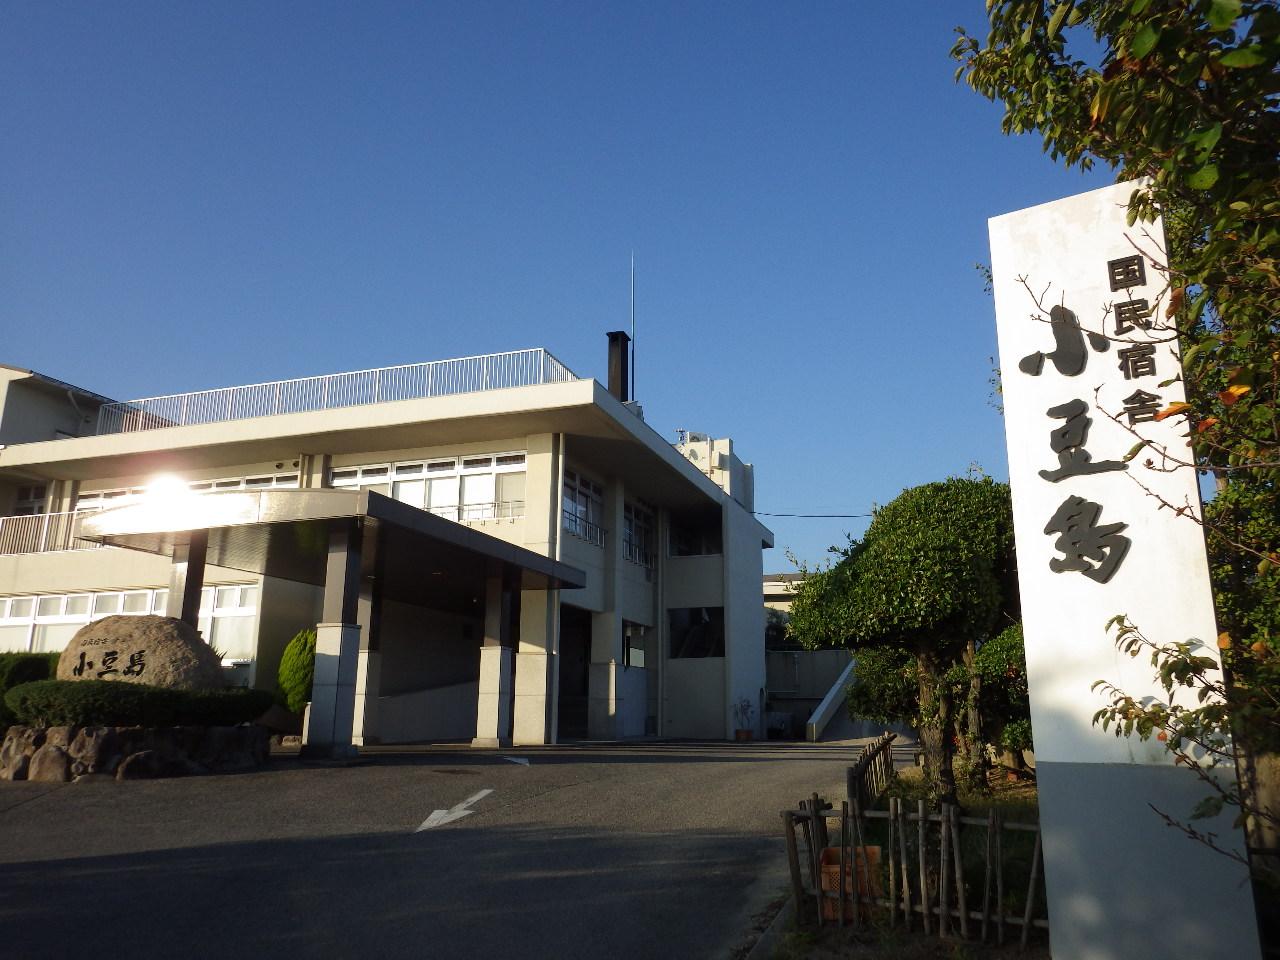 http://www.shonan-ls.co.jp/blog/landscape/img/RIMG0283.JPG